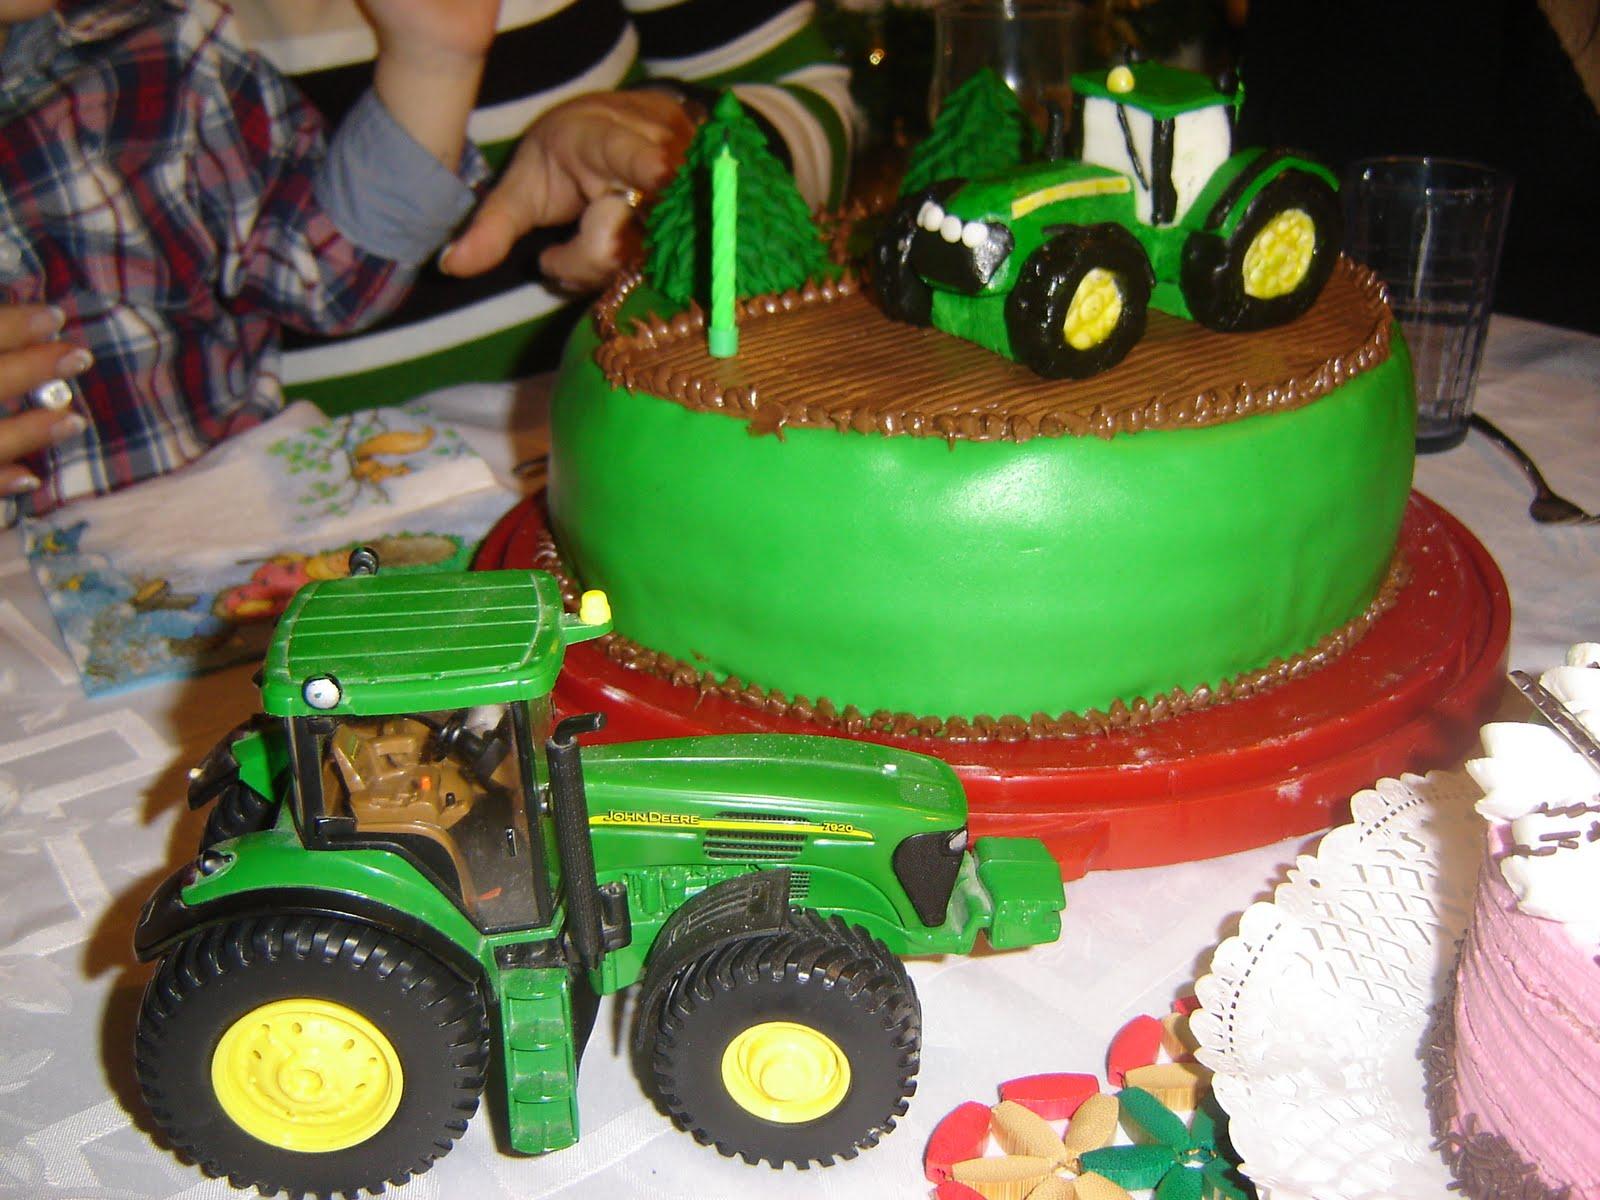 traktoros szülinapi képek Néha sütögetek is : Ármin traktoros tortája traktoros szülinapi képek